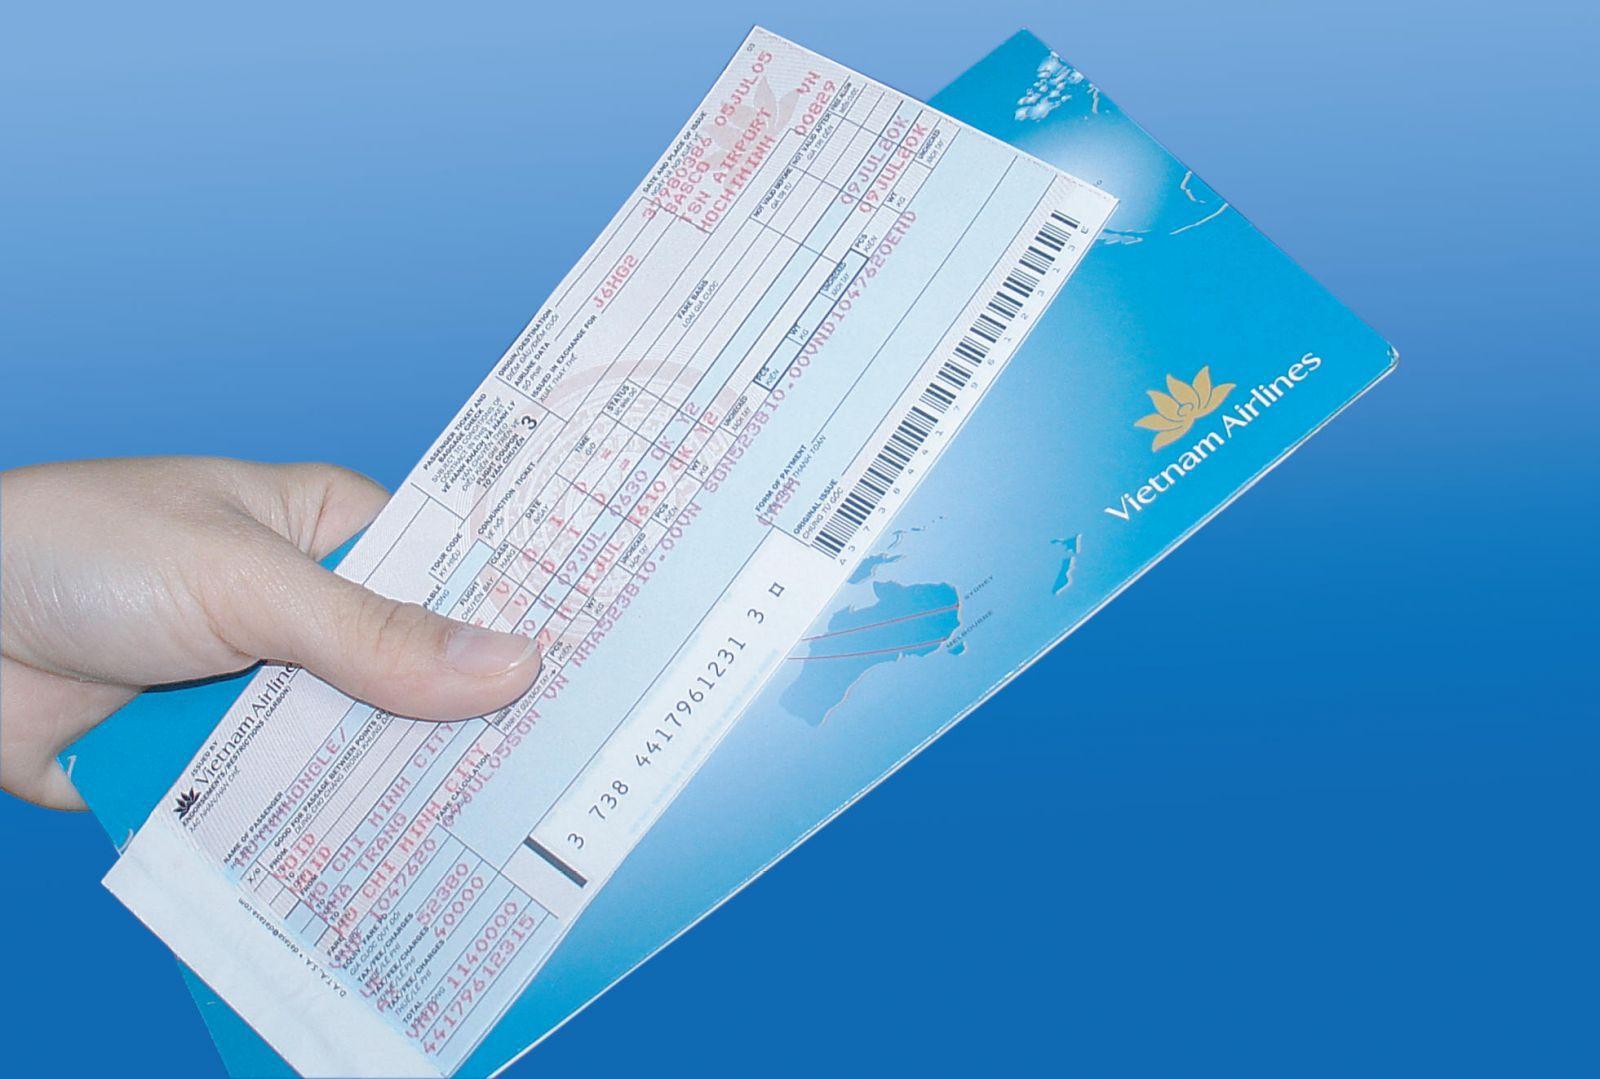 Đặt vé máy bay đi Nha Trang sớm để có giá tốt nhất